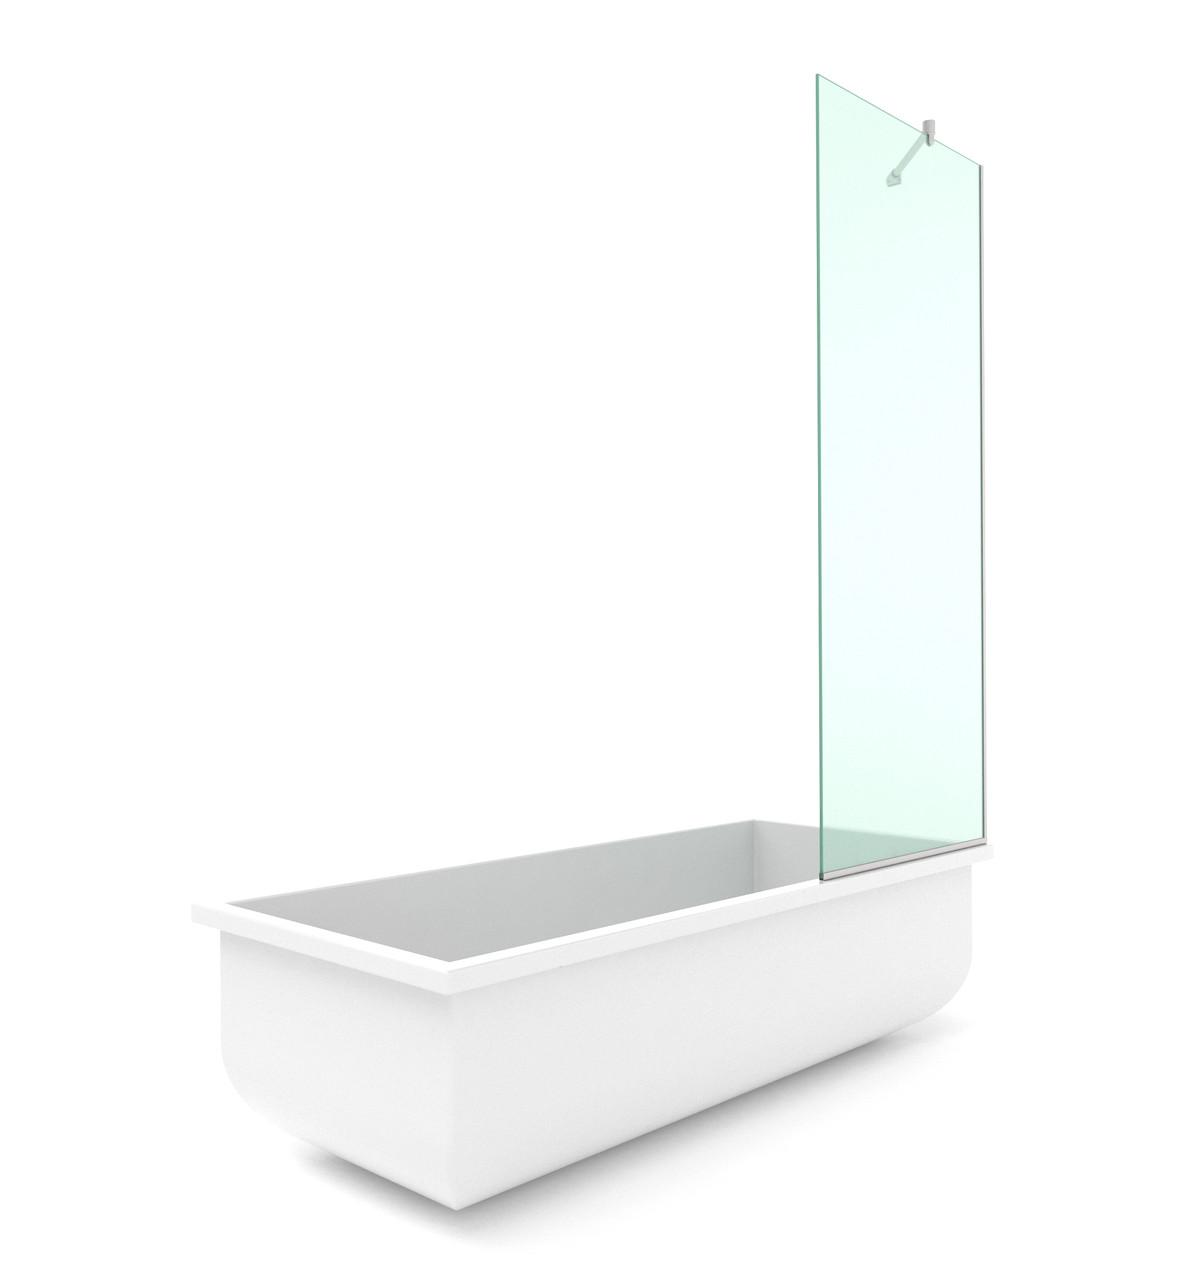 Шторка стеклянная матовая, шторки для ванной стеклянные, стеклянные шторки для душа